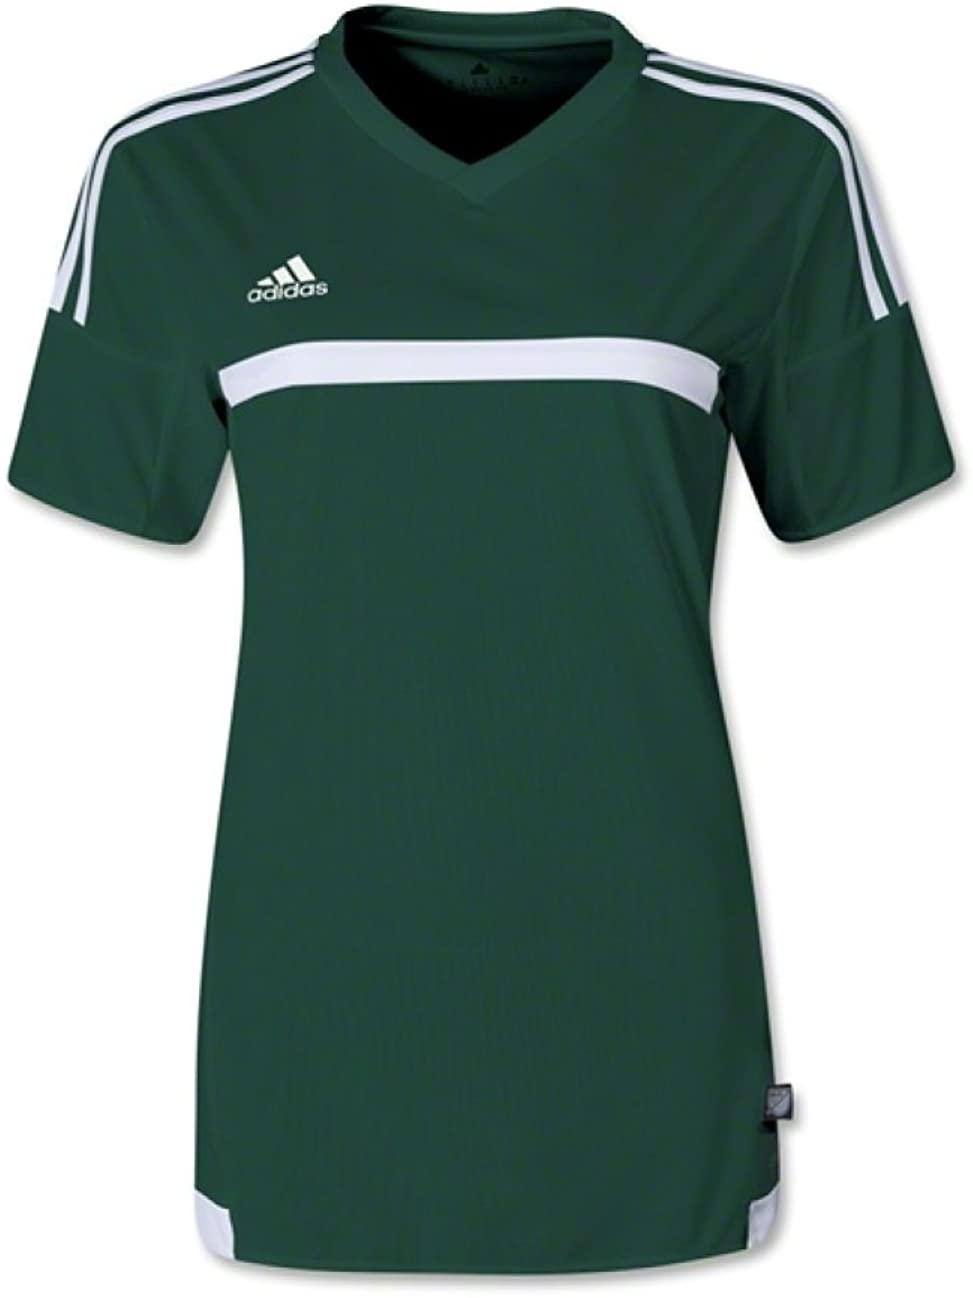 adidas Soccer Uniform Jersey: adidas Women's MLS 15 Match Replica Soccer Jersey Dark Green/White XS